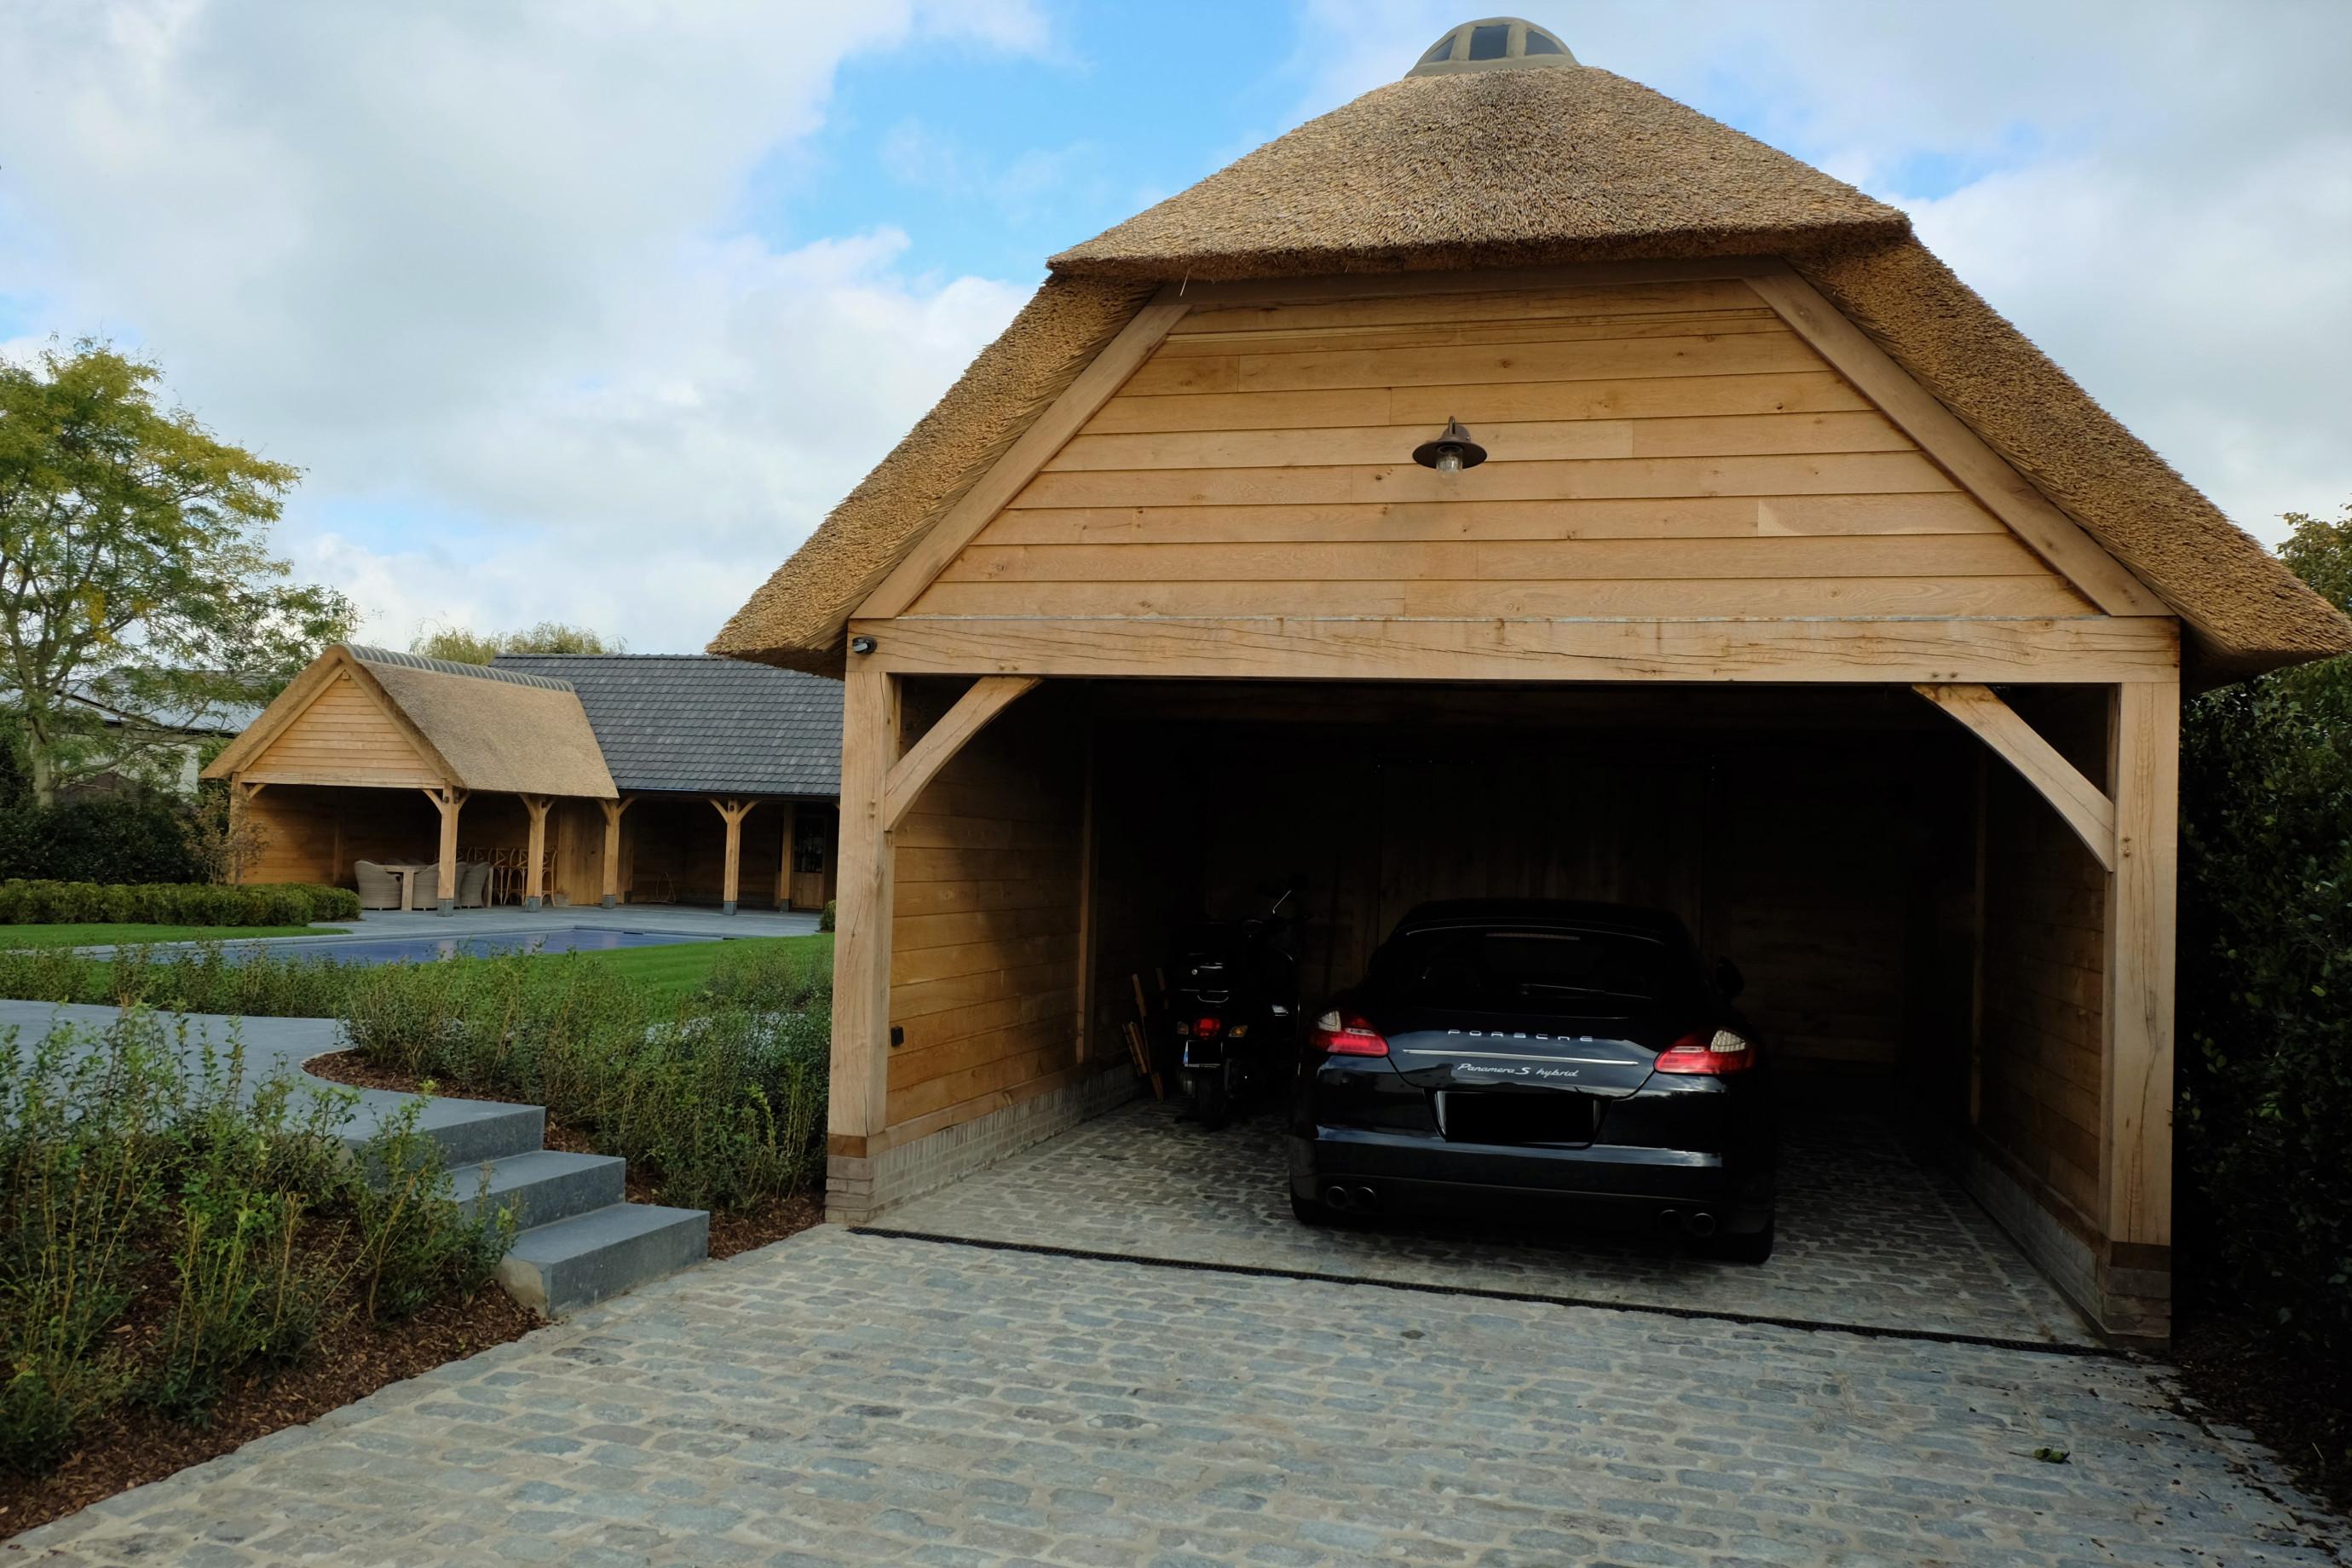 Dit prachtig rustieke eiken bijgebouw en poolhouse werden deskundig gerealiseerd door Vanhauwood met behulp van het eiken bouwpakket vervaardigd door Cornelis Hout.